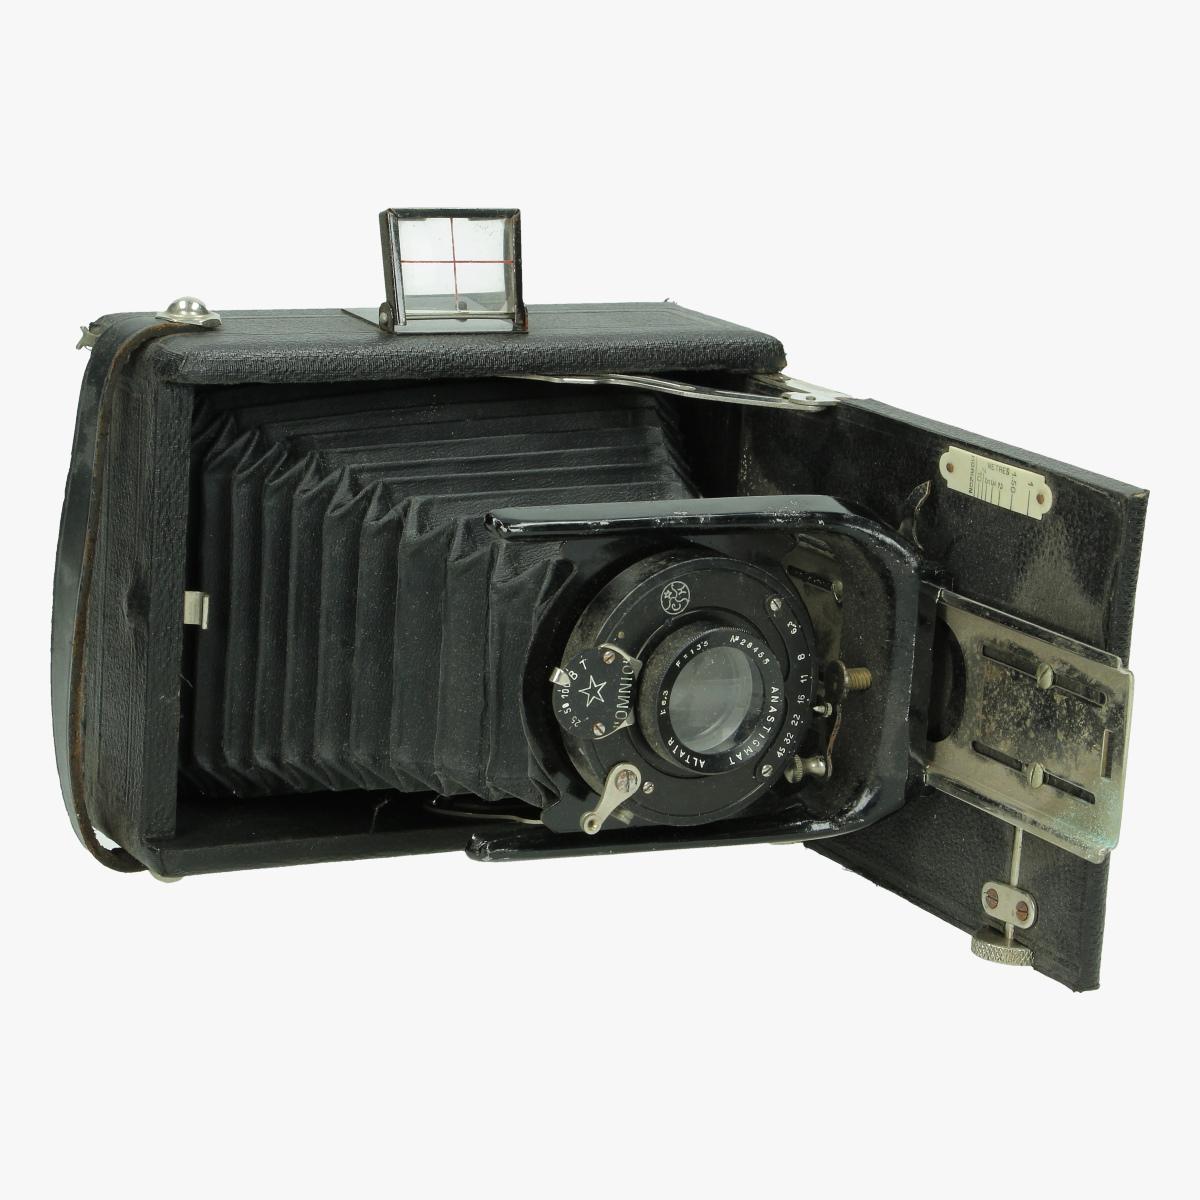 Afbeeldingen van fotocamera OMNIO ANASTIGMAT ALTAÏR